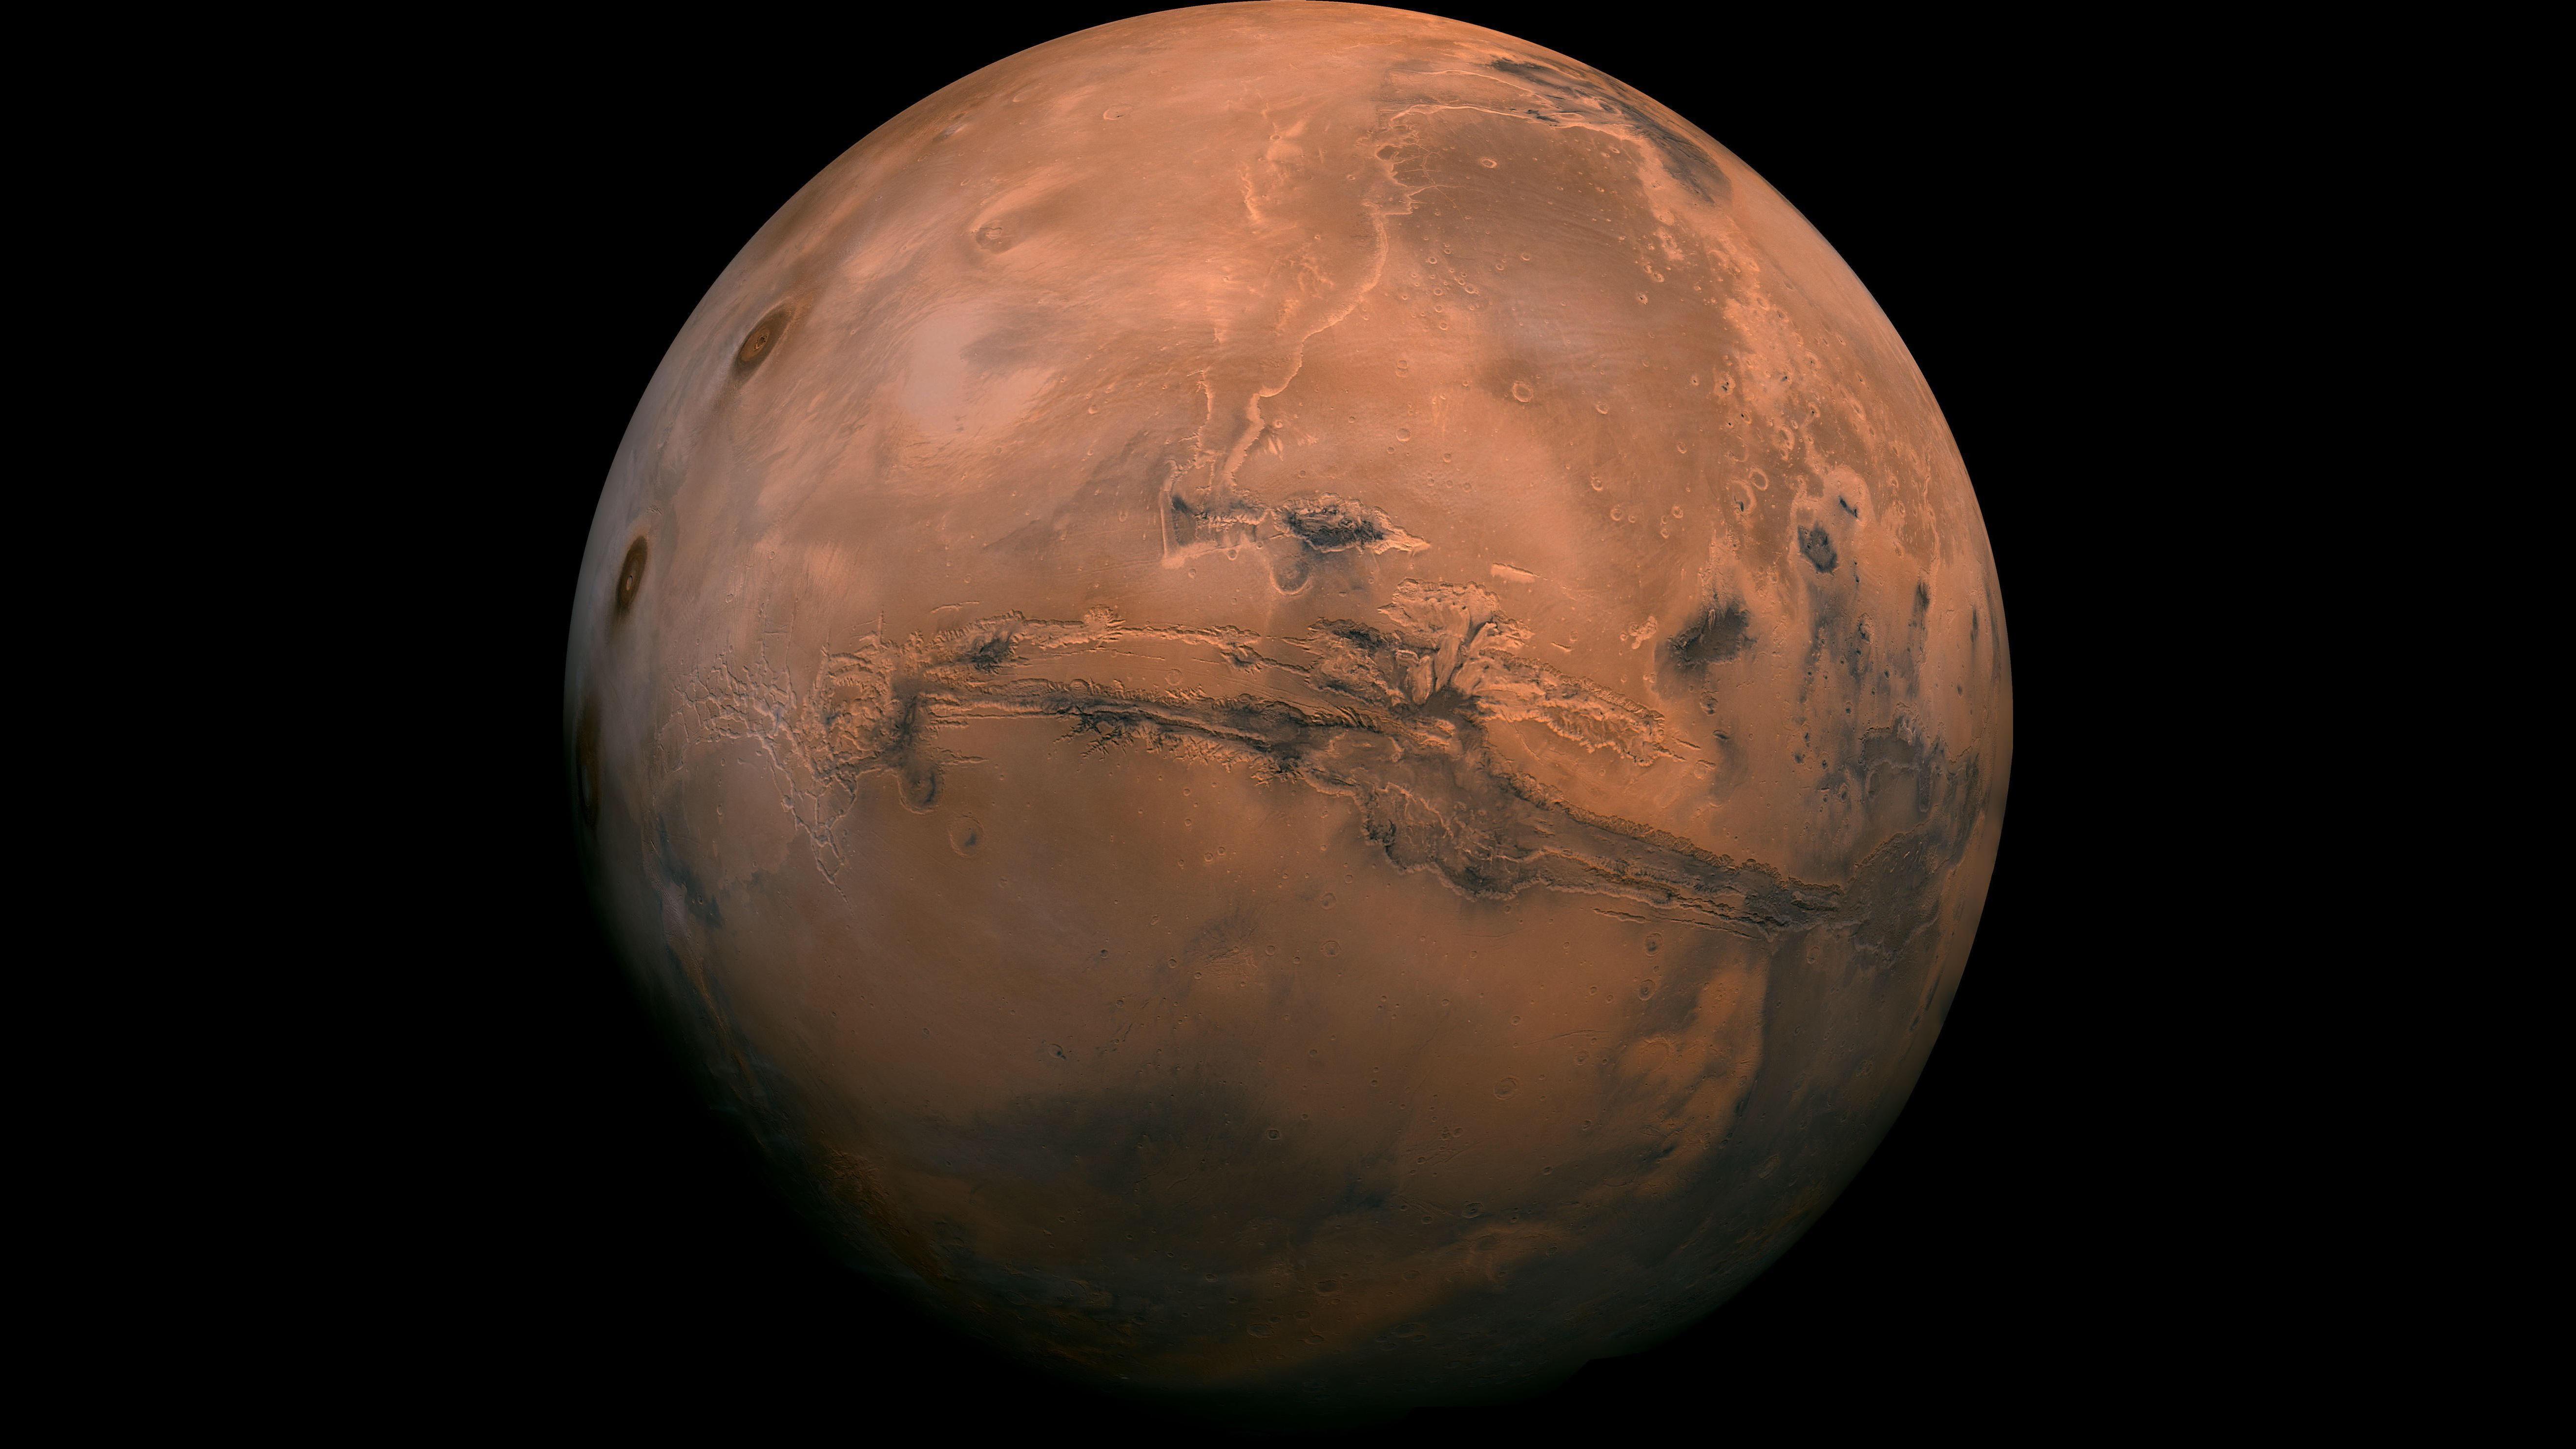 фото предметов находятся на планете марс отделка